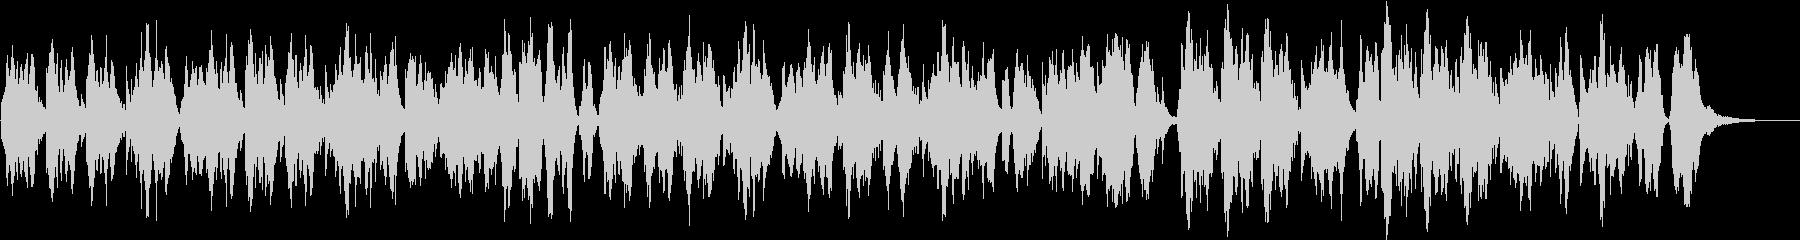 二胡が奏でる優しく暖かな曲の未再生の波形